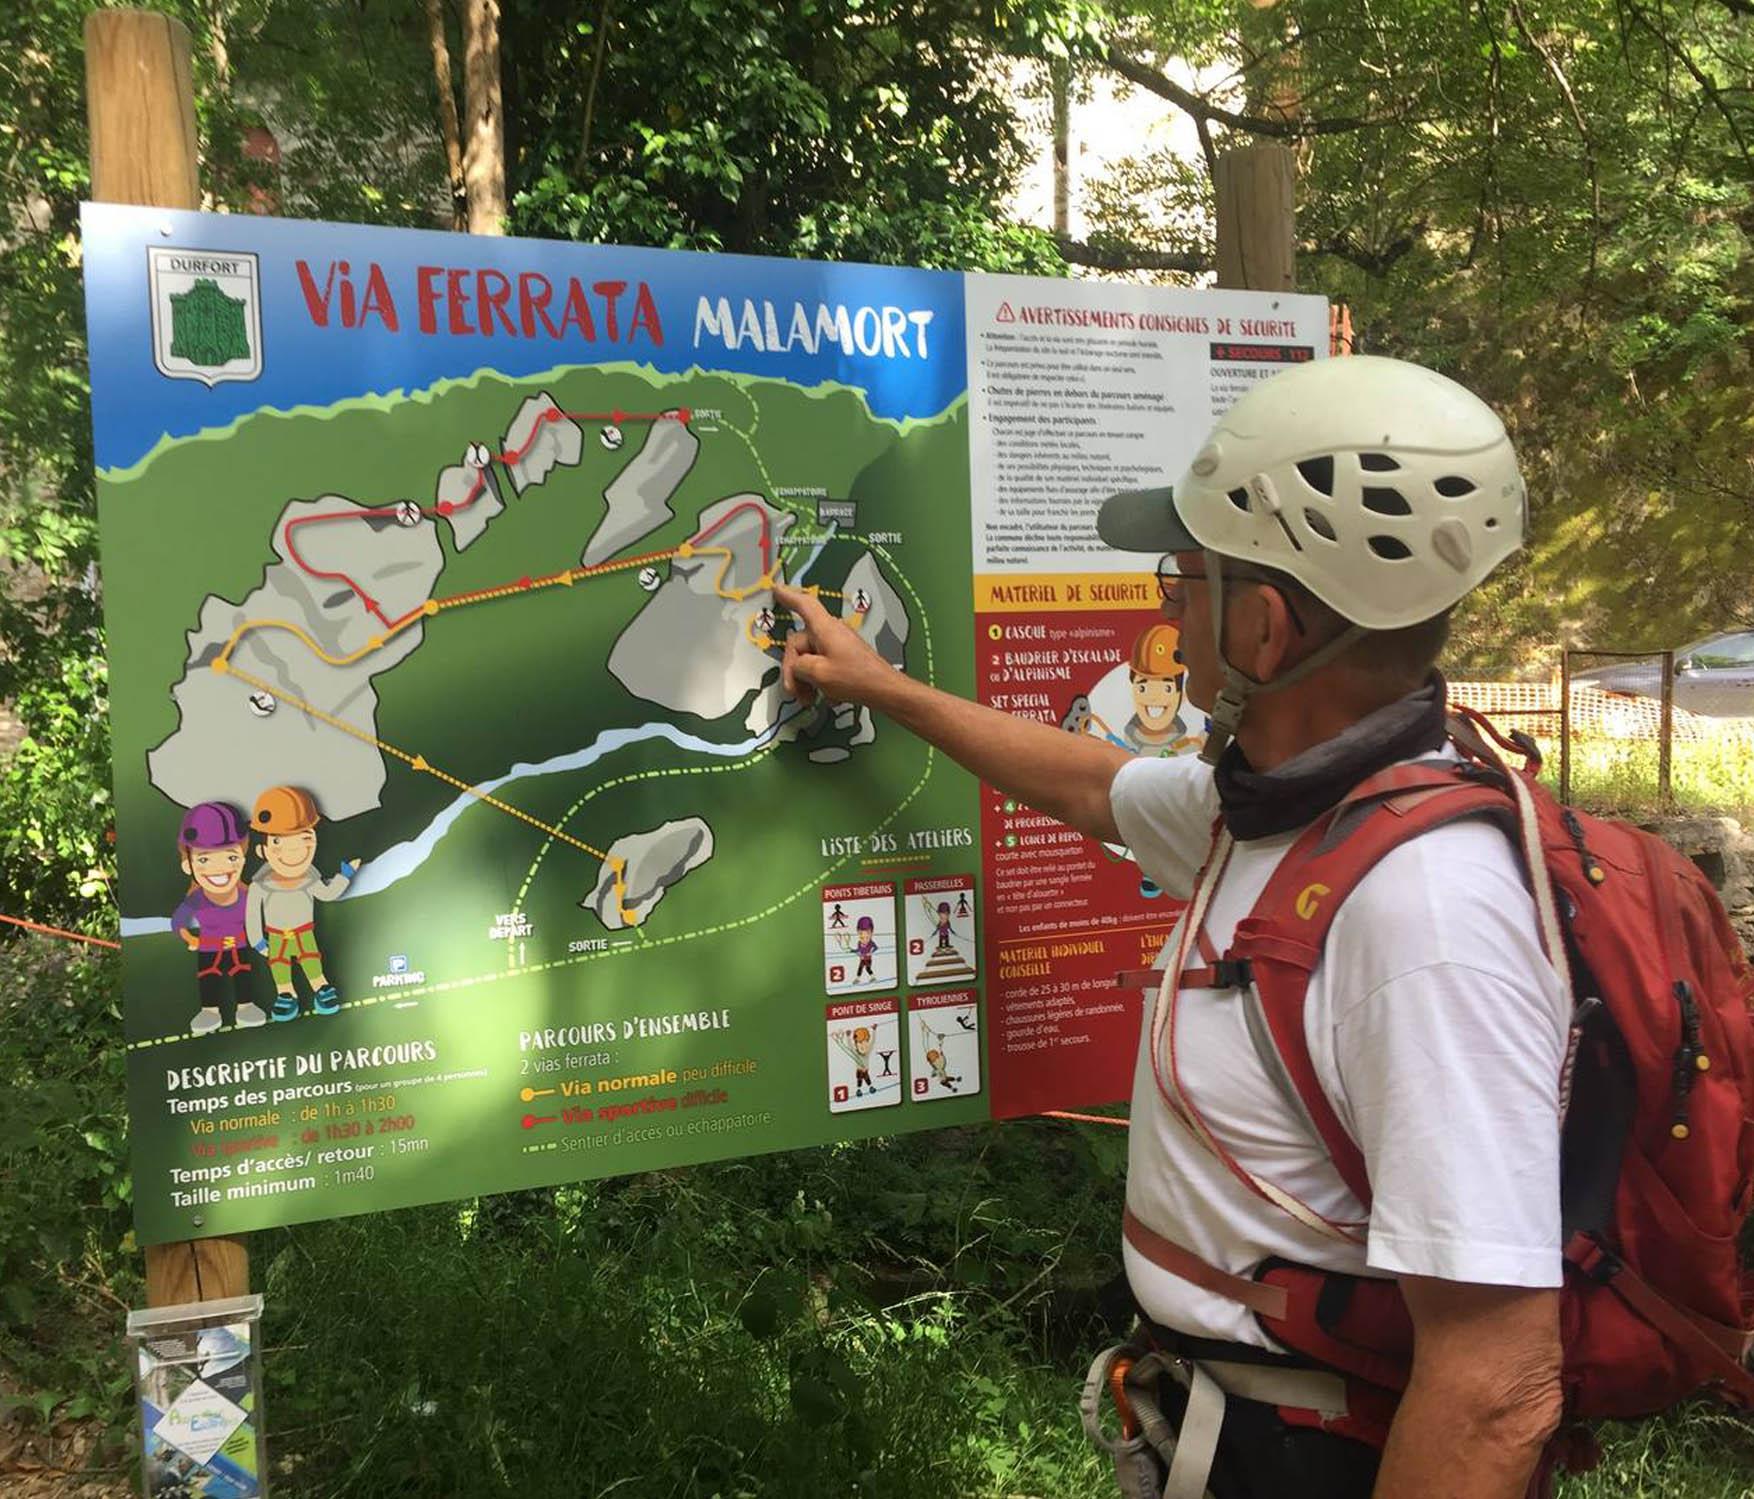 Vignette Inauguration de la Via Ferratta de Durfot dans le Parc naturel régional du Haut-Languedoc